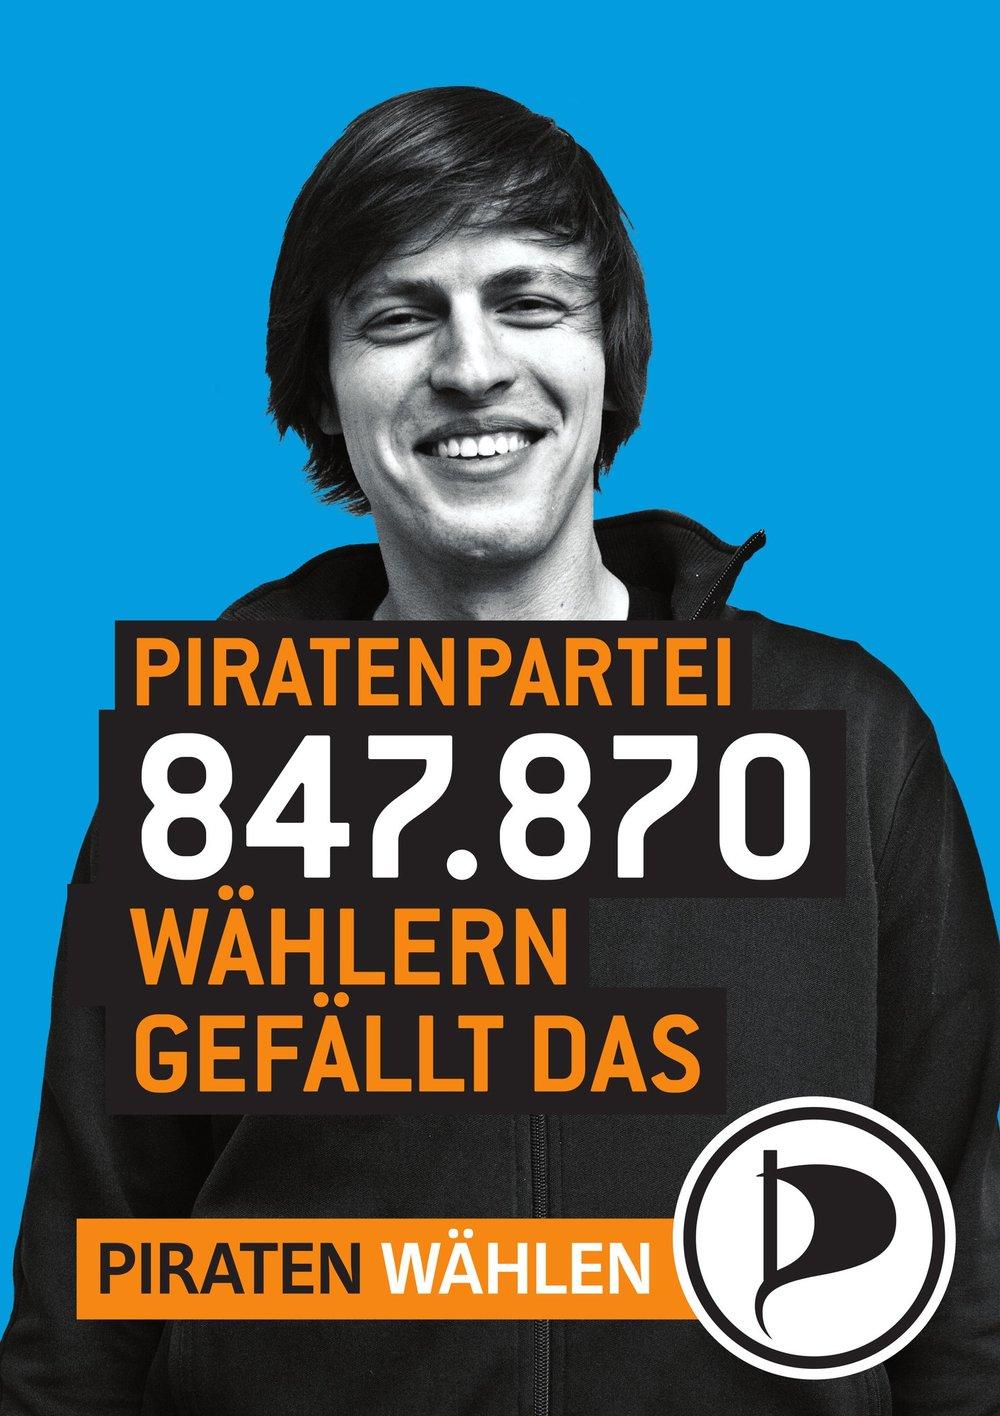 berlinplakat.02.jpg